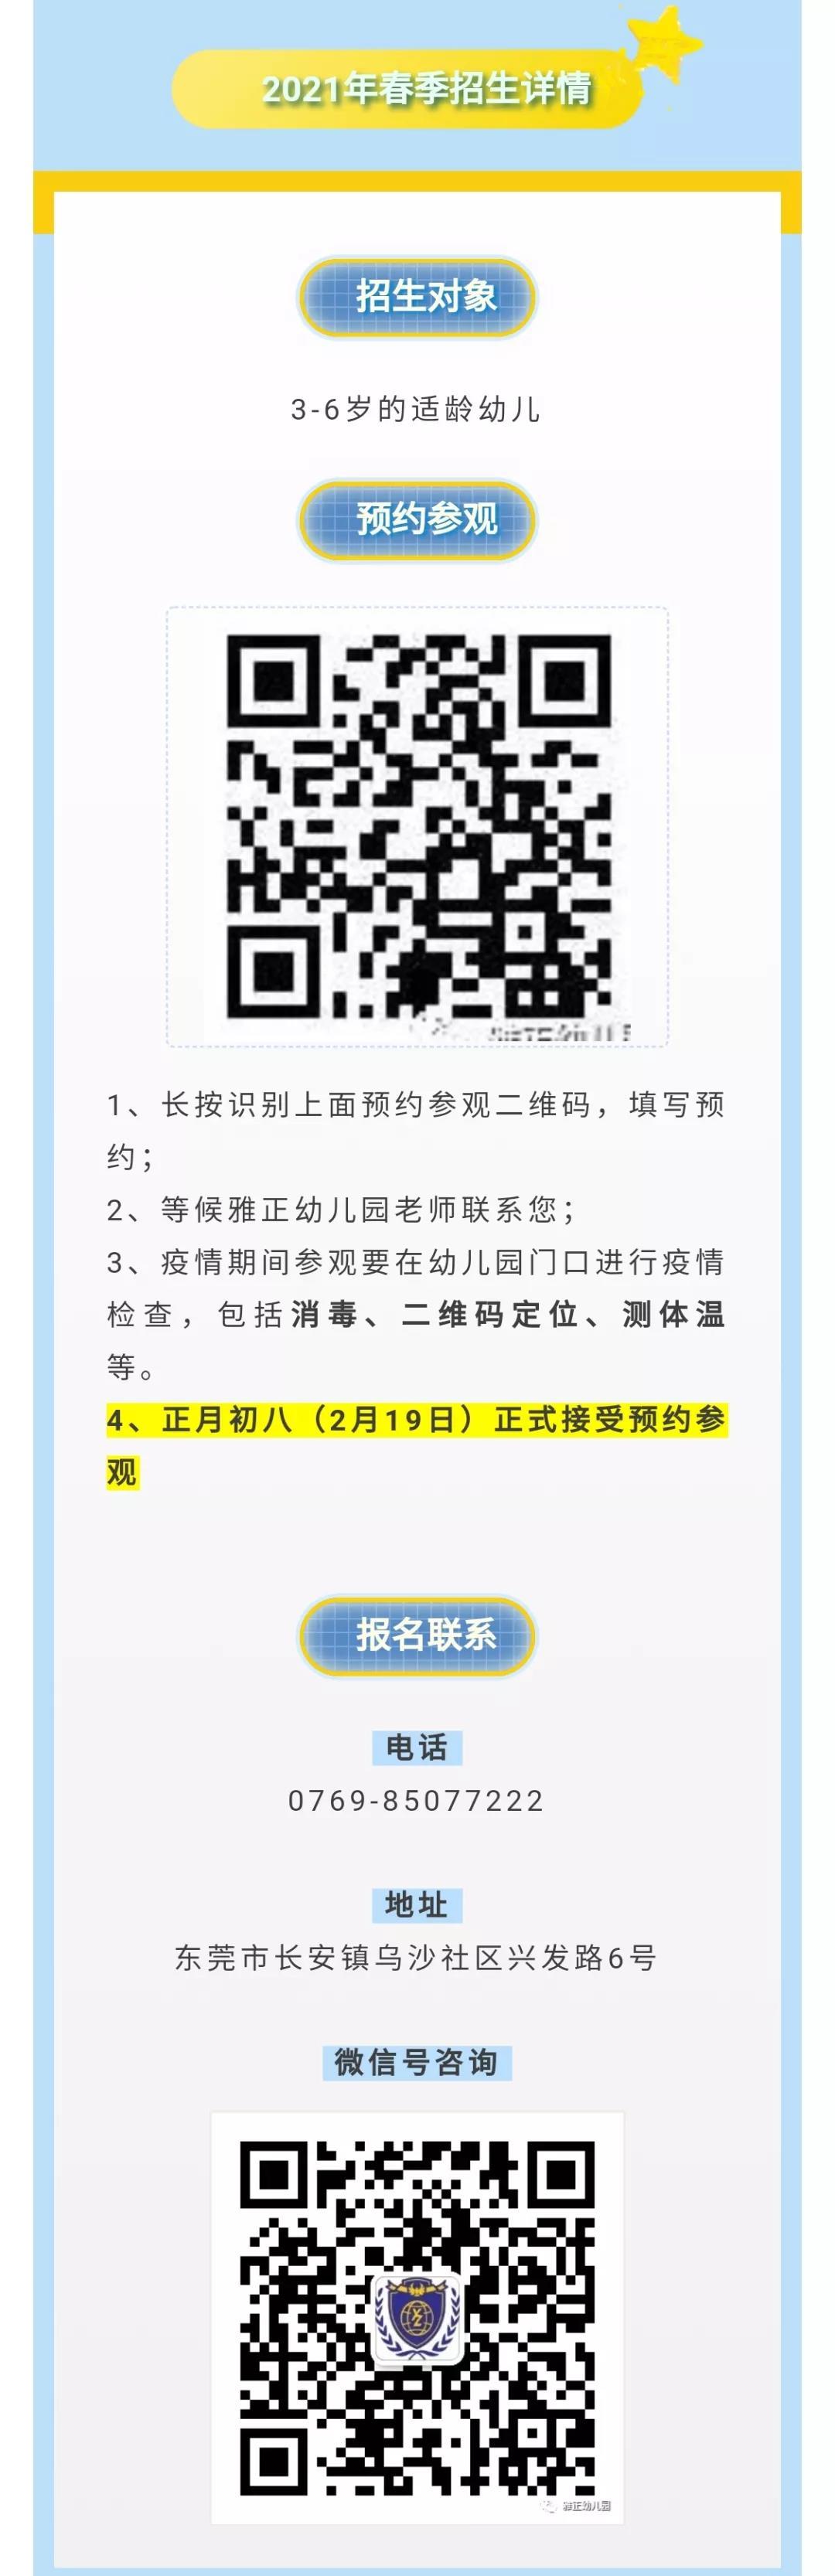 微信图片_20210223172021.jpg